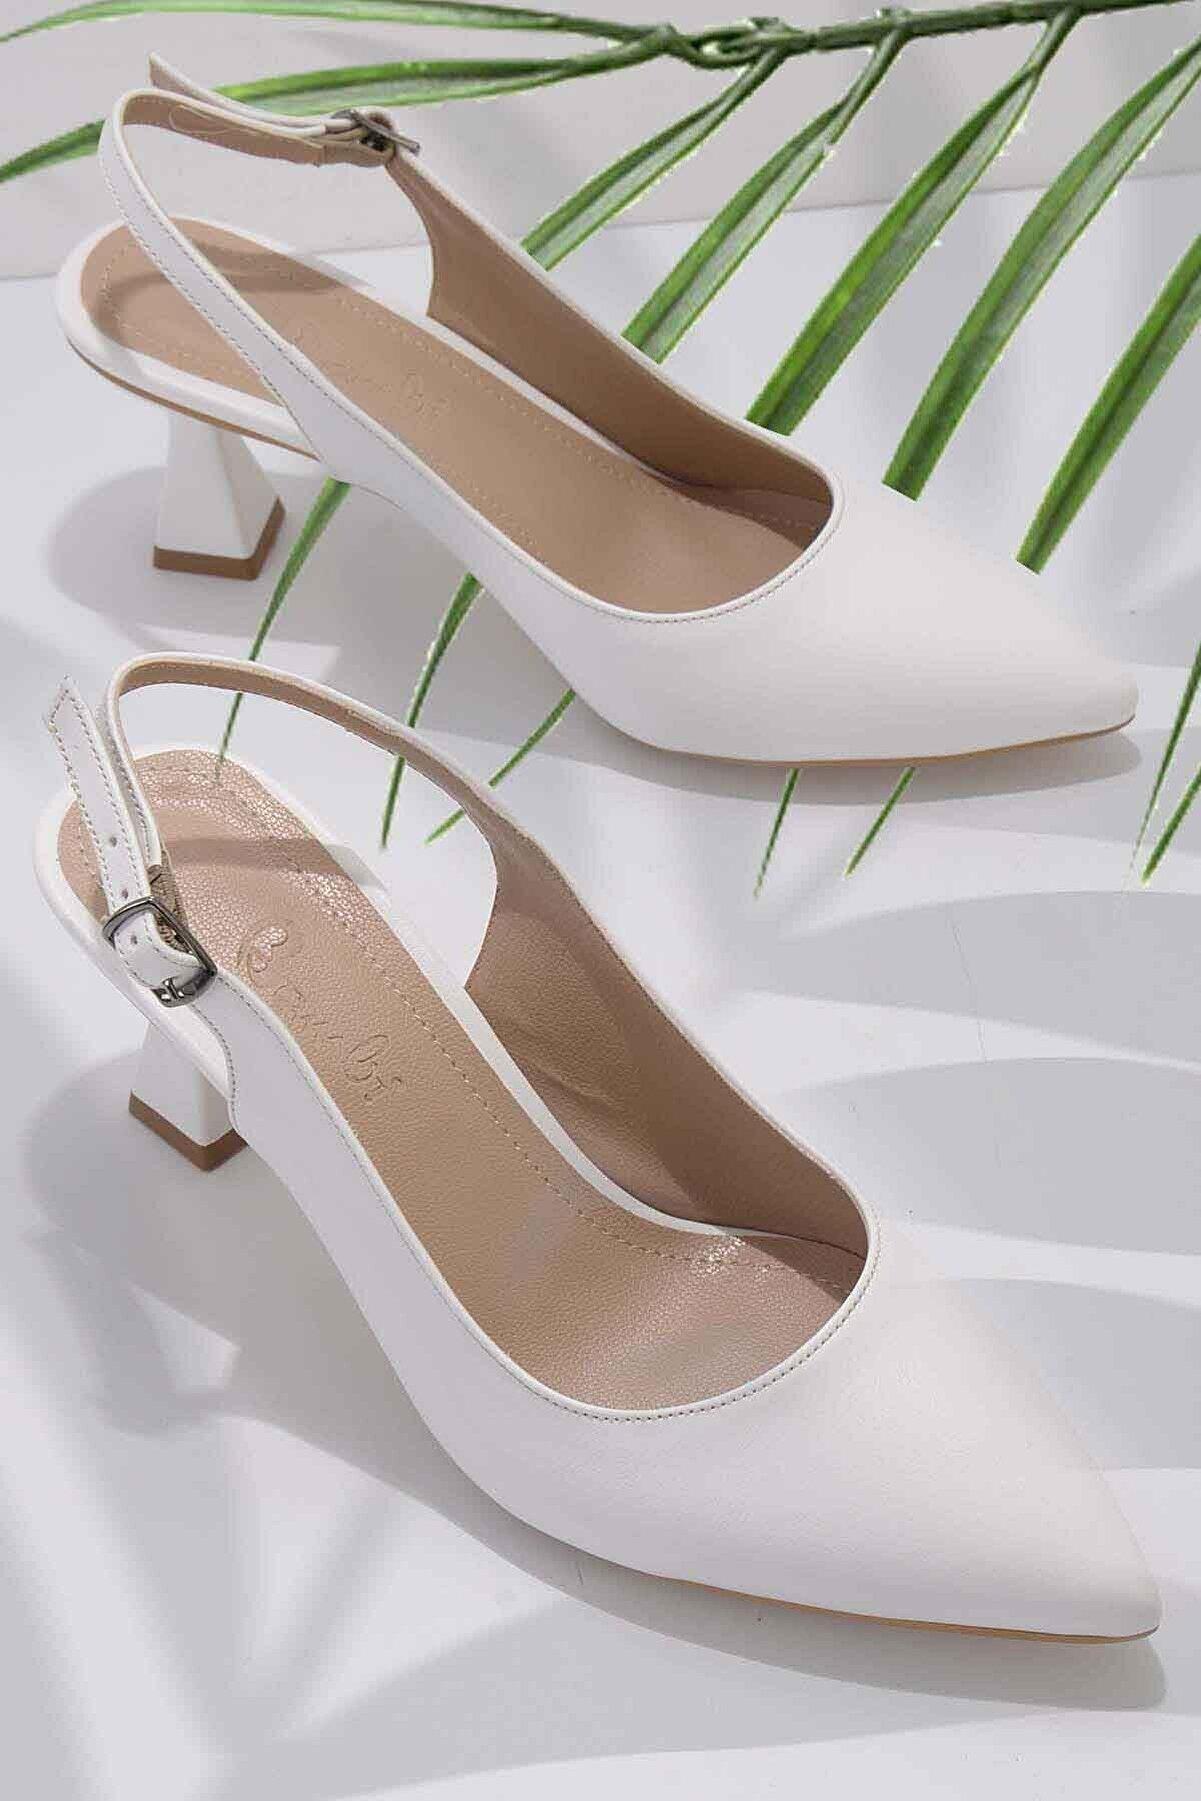 Bambi Beyaz Kadın Klasik Topuklu Ayakkabı K01840500009